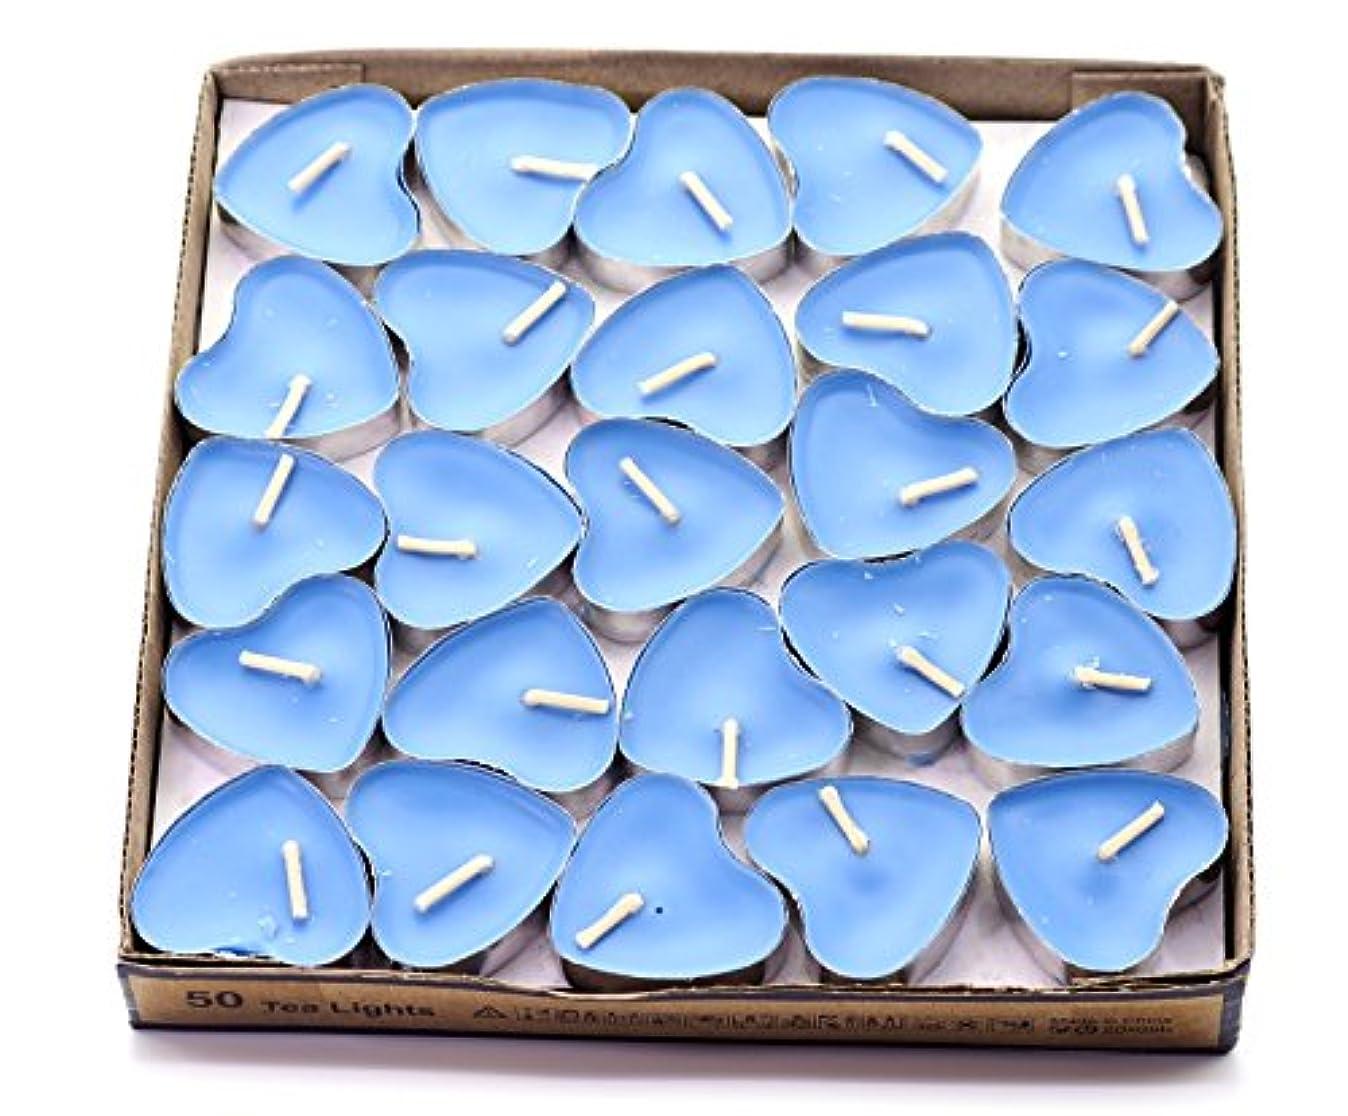 満足できる傑作干渉(Blue(ocean)) - Creationtop Scented Candles Tea Lights Mini Hearts Home Decor Aroma Candles Set of 50 pcs mini...